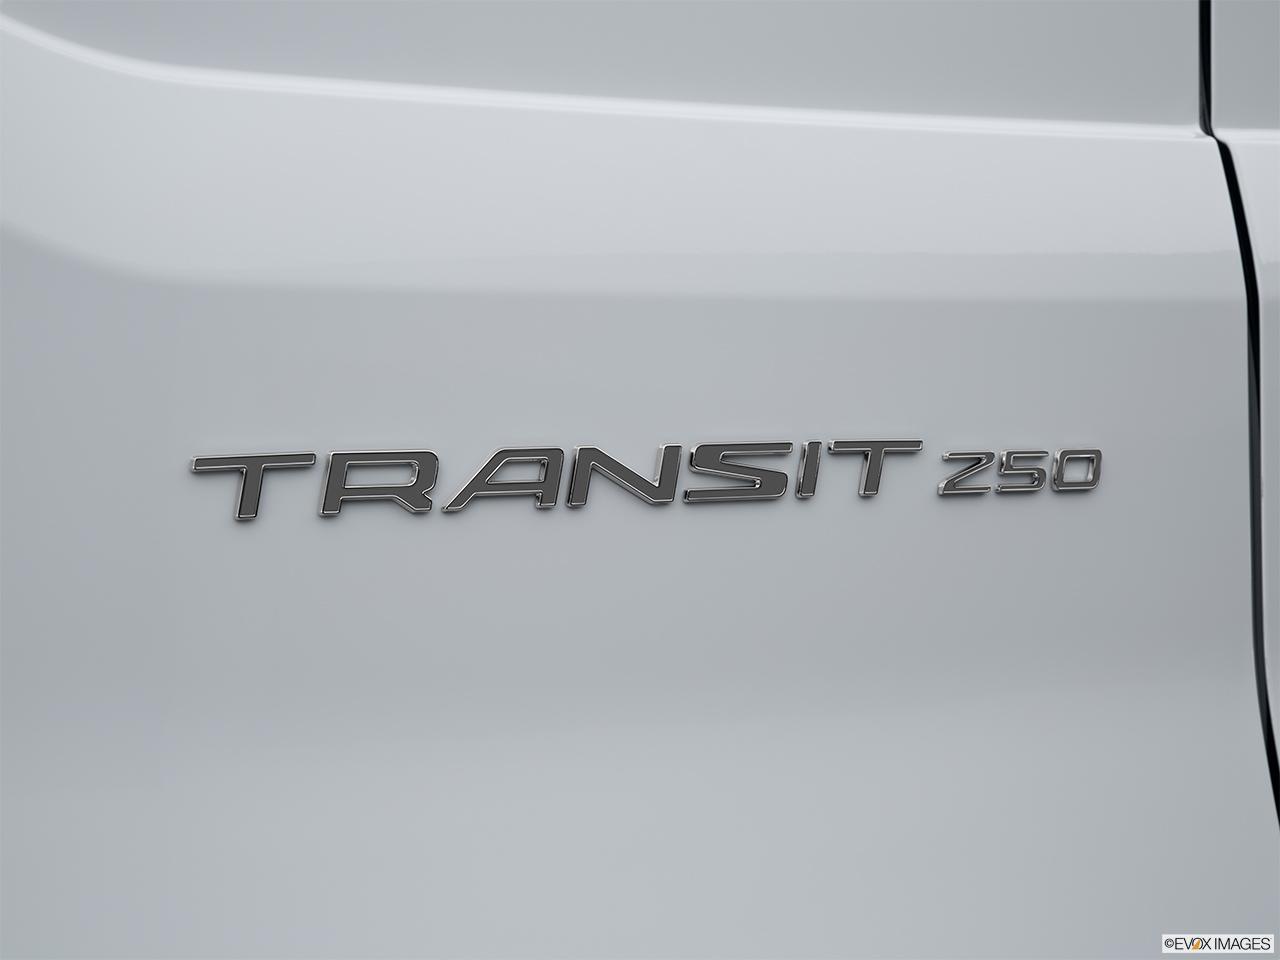 Ford Transit Cutaway >> 2015 Ford Transit Cutaway T-250 156 9000 GVWR SRW - Rear model badge/emblem